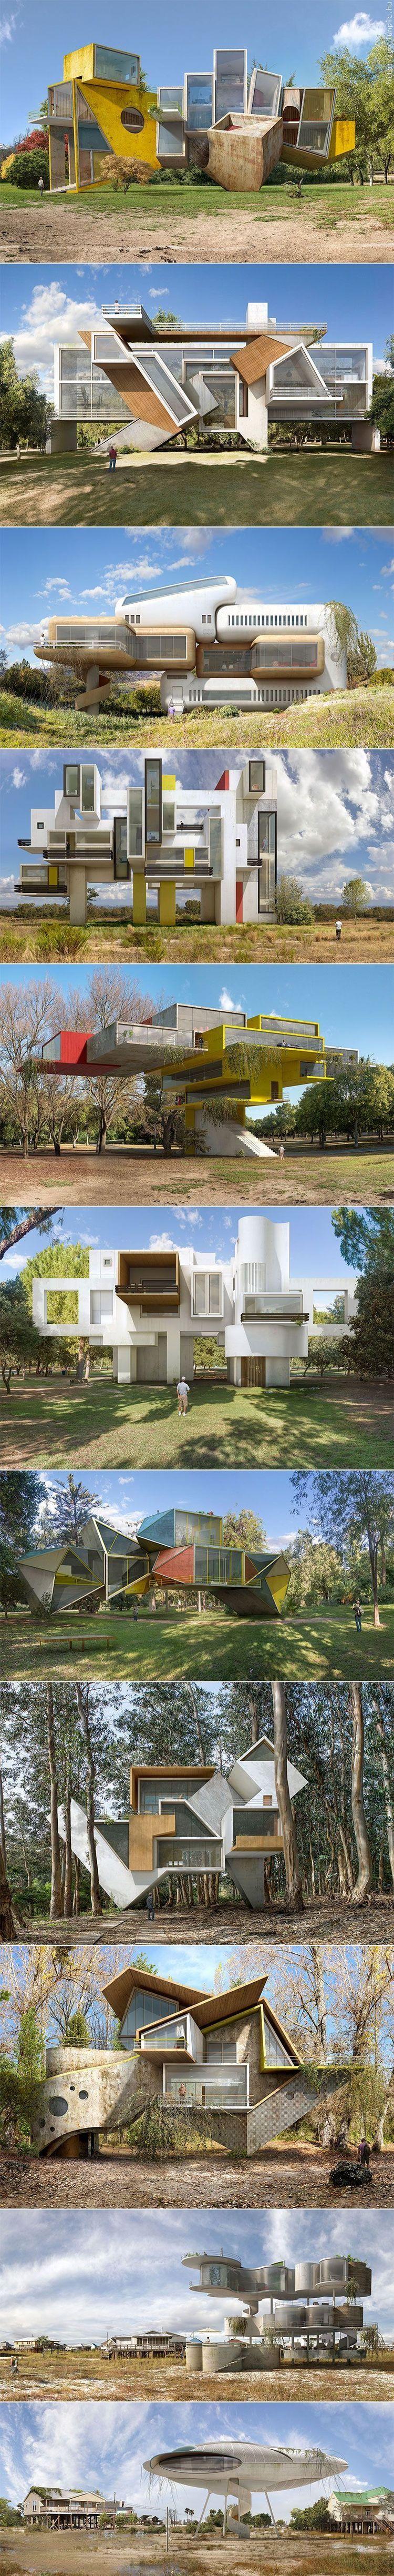 Pin von Ayşegülyldz auf Architecture | Pinterest | Architektur ...